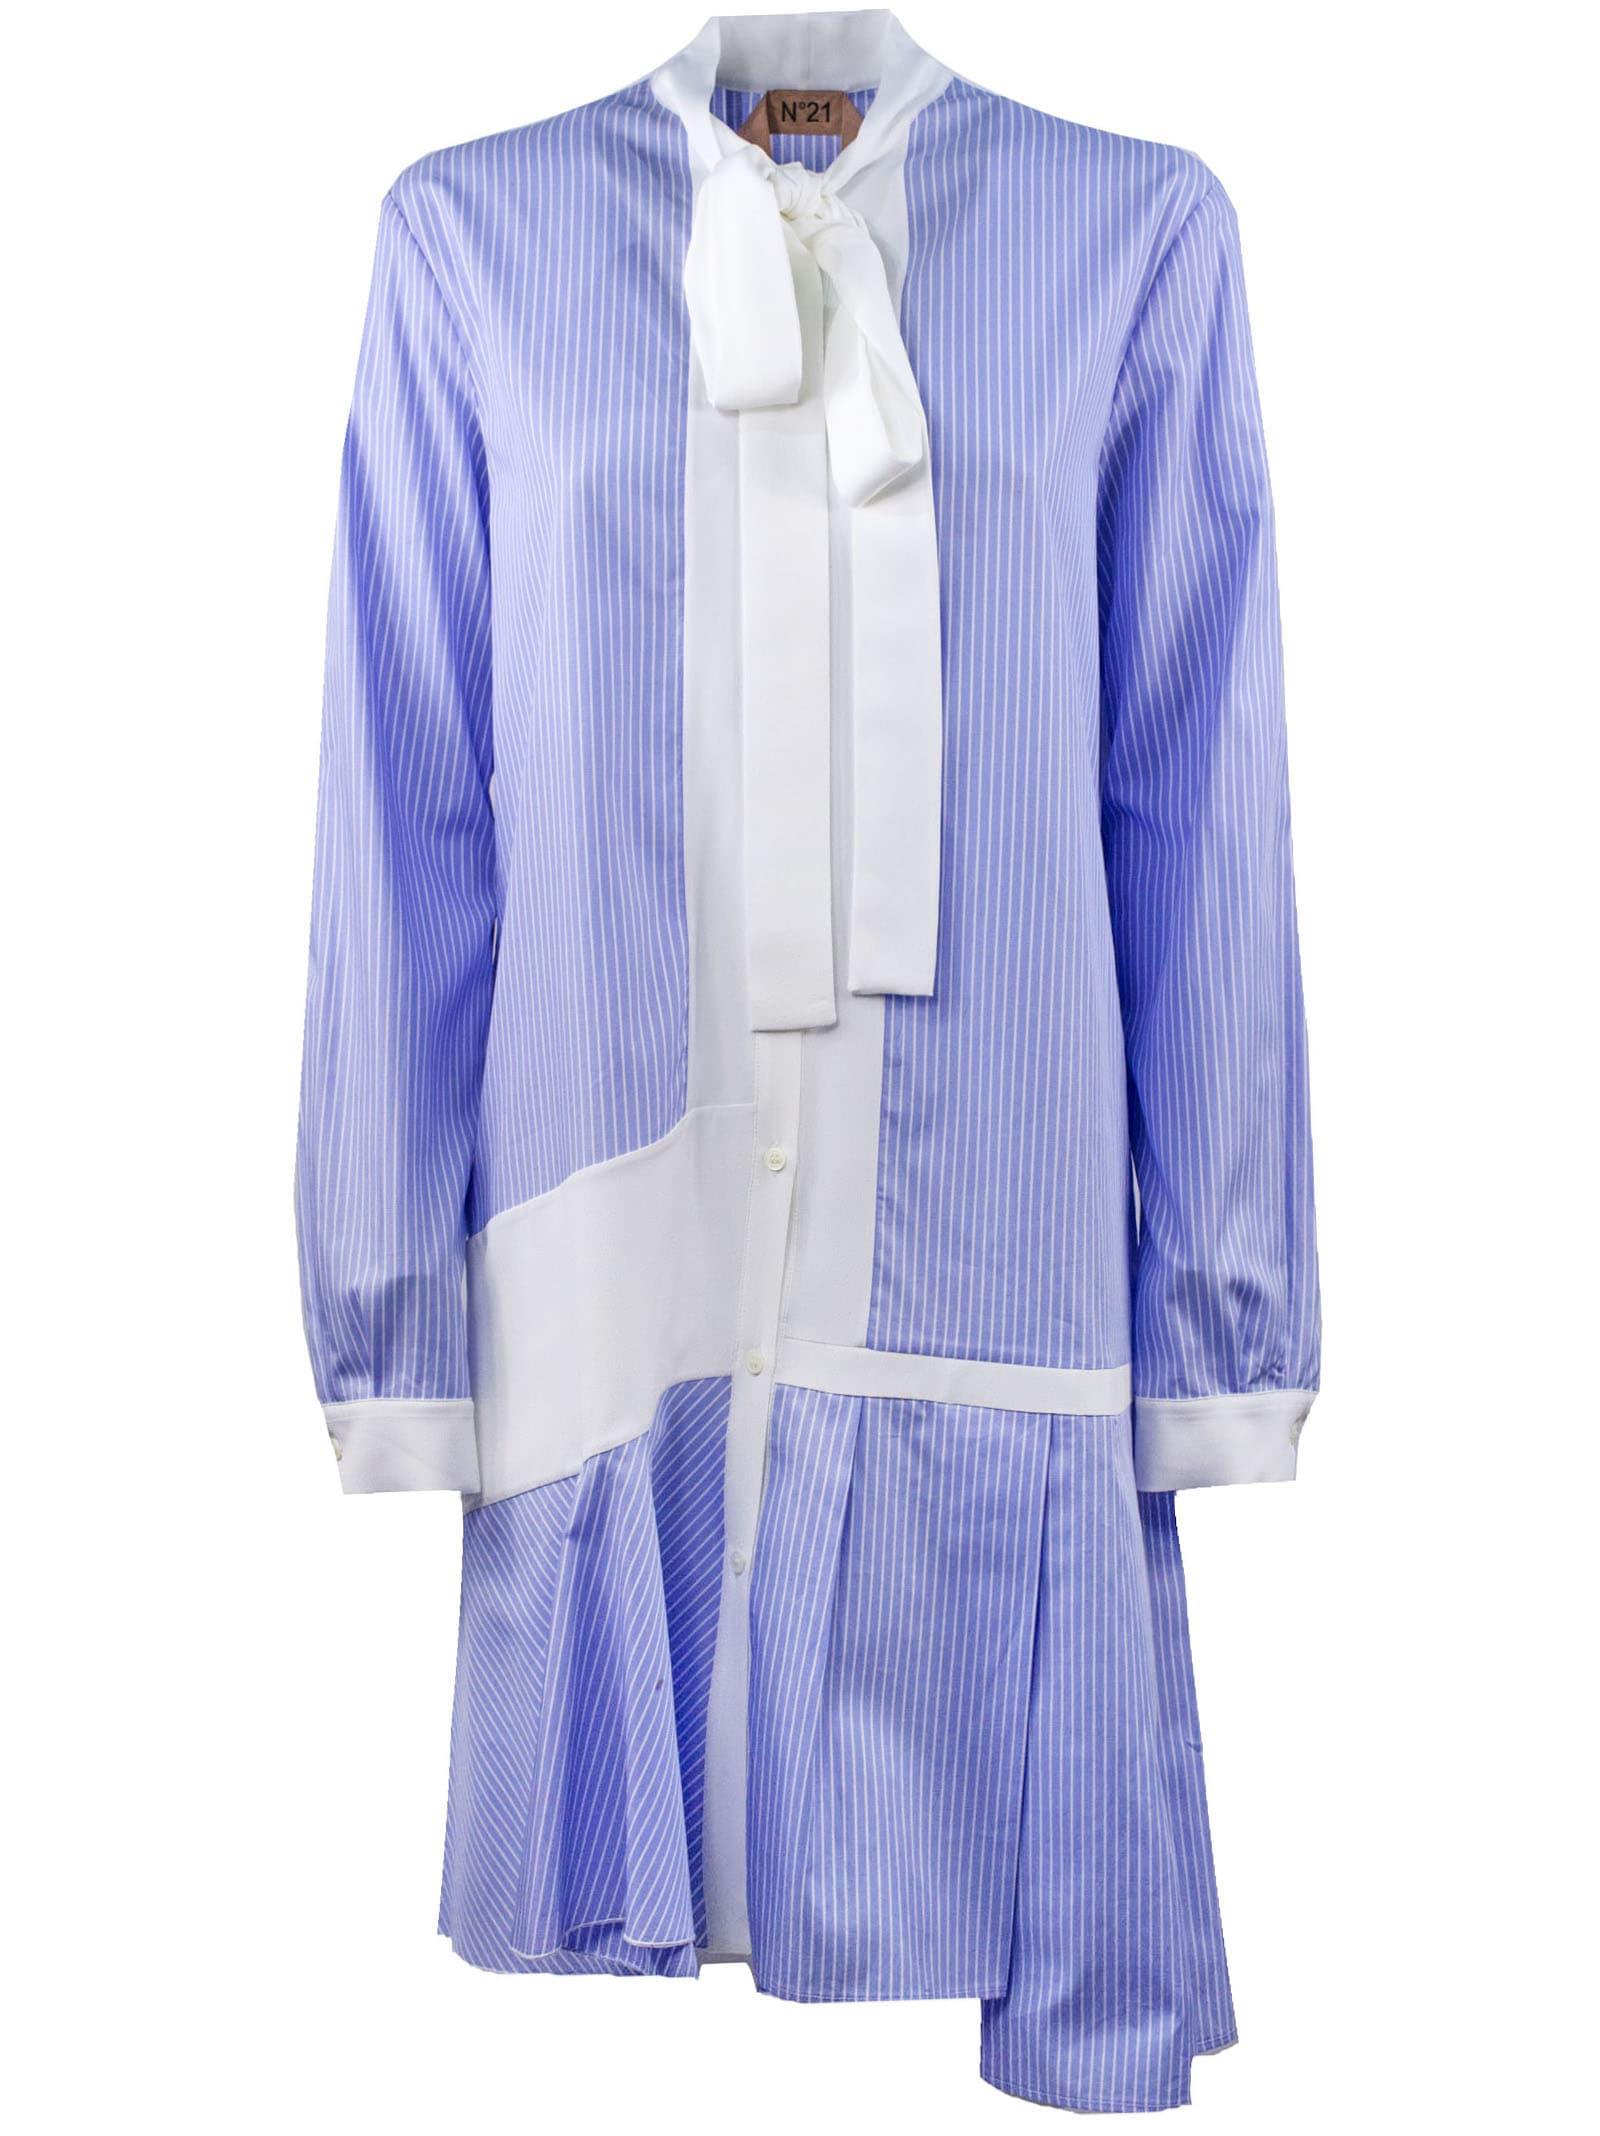 N.21 Blue Button-down Mini Dress